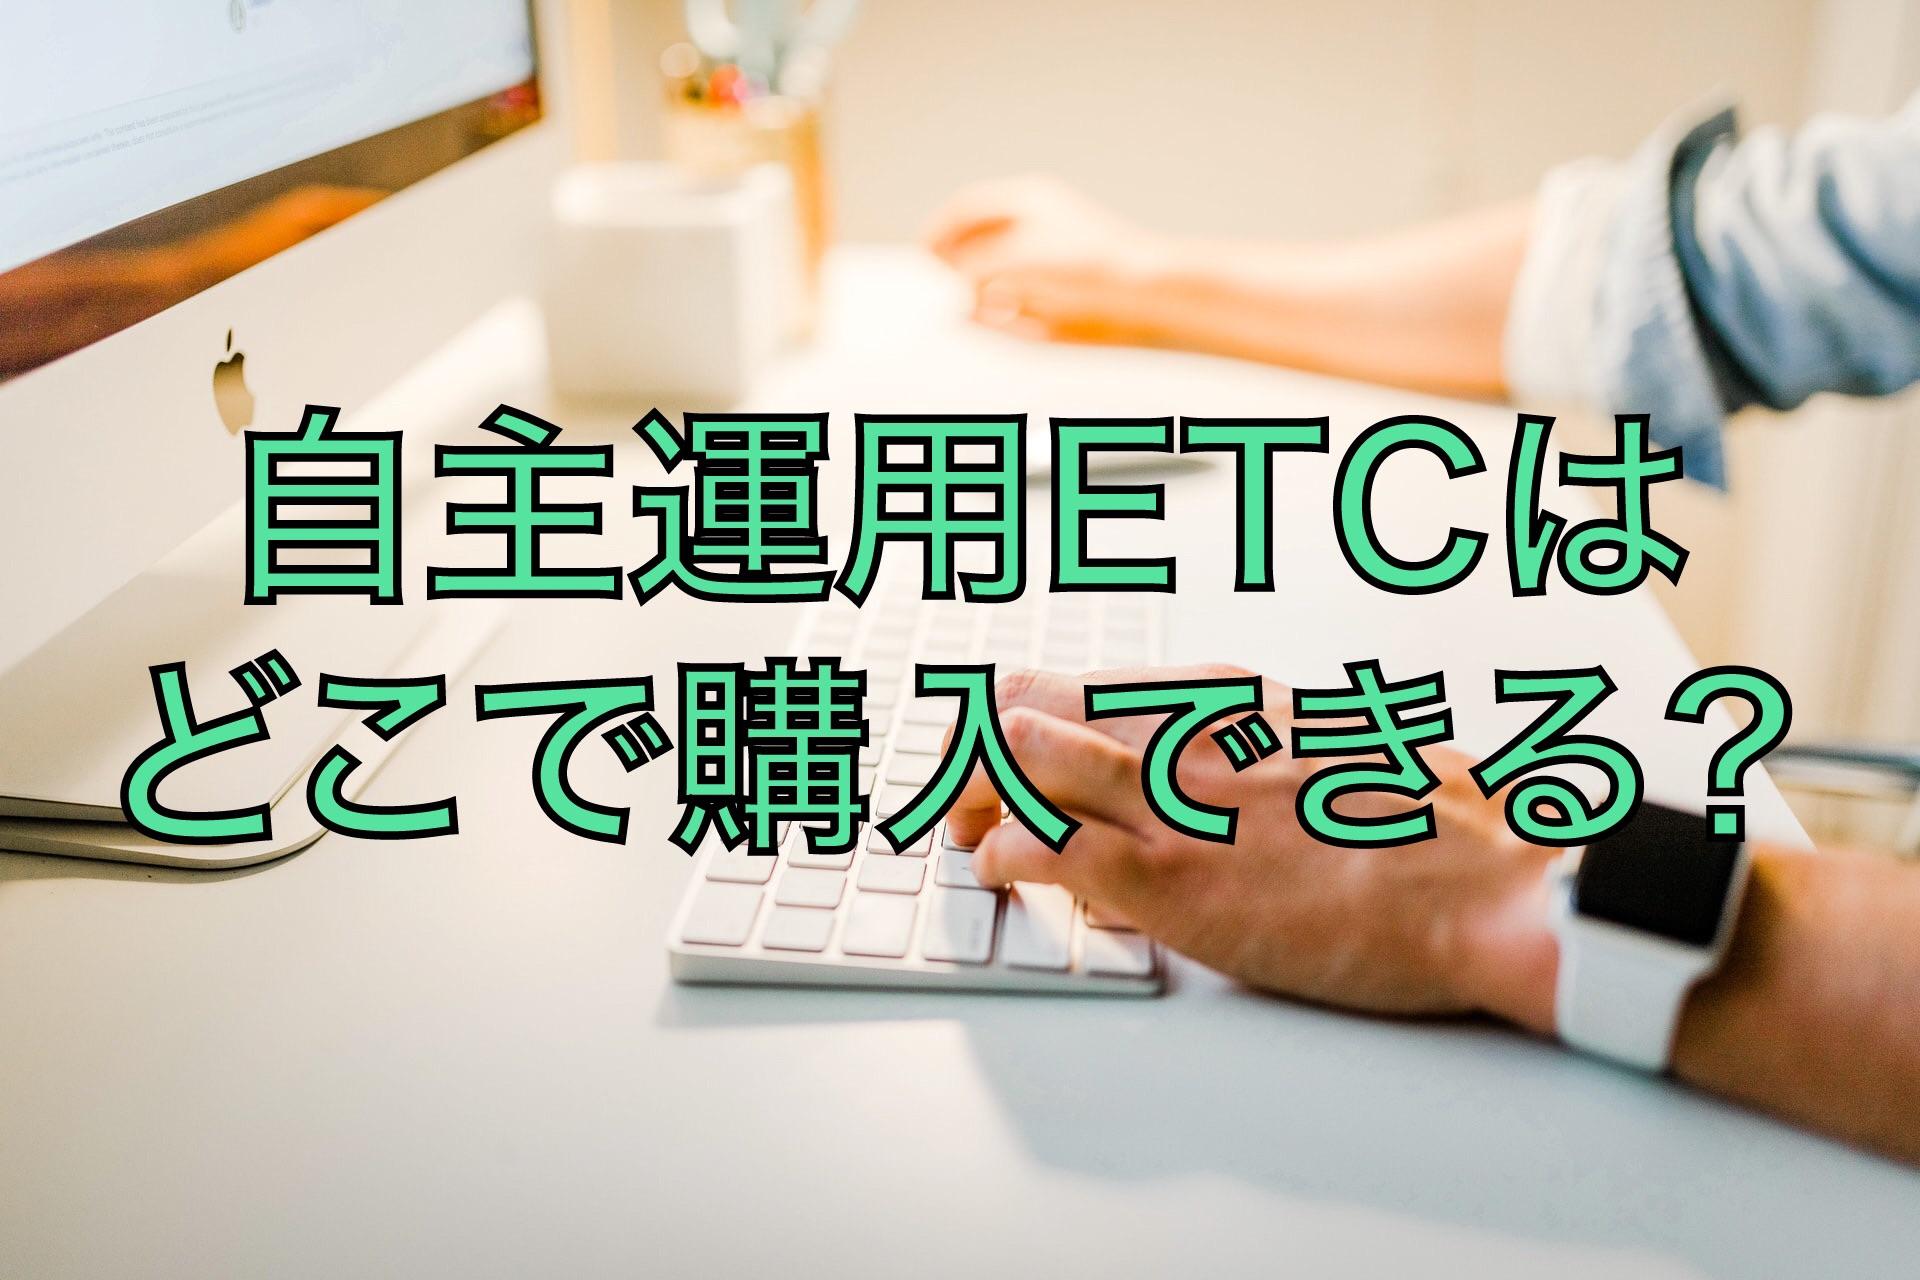 自主運用ETC、販売、乾電池ETC